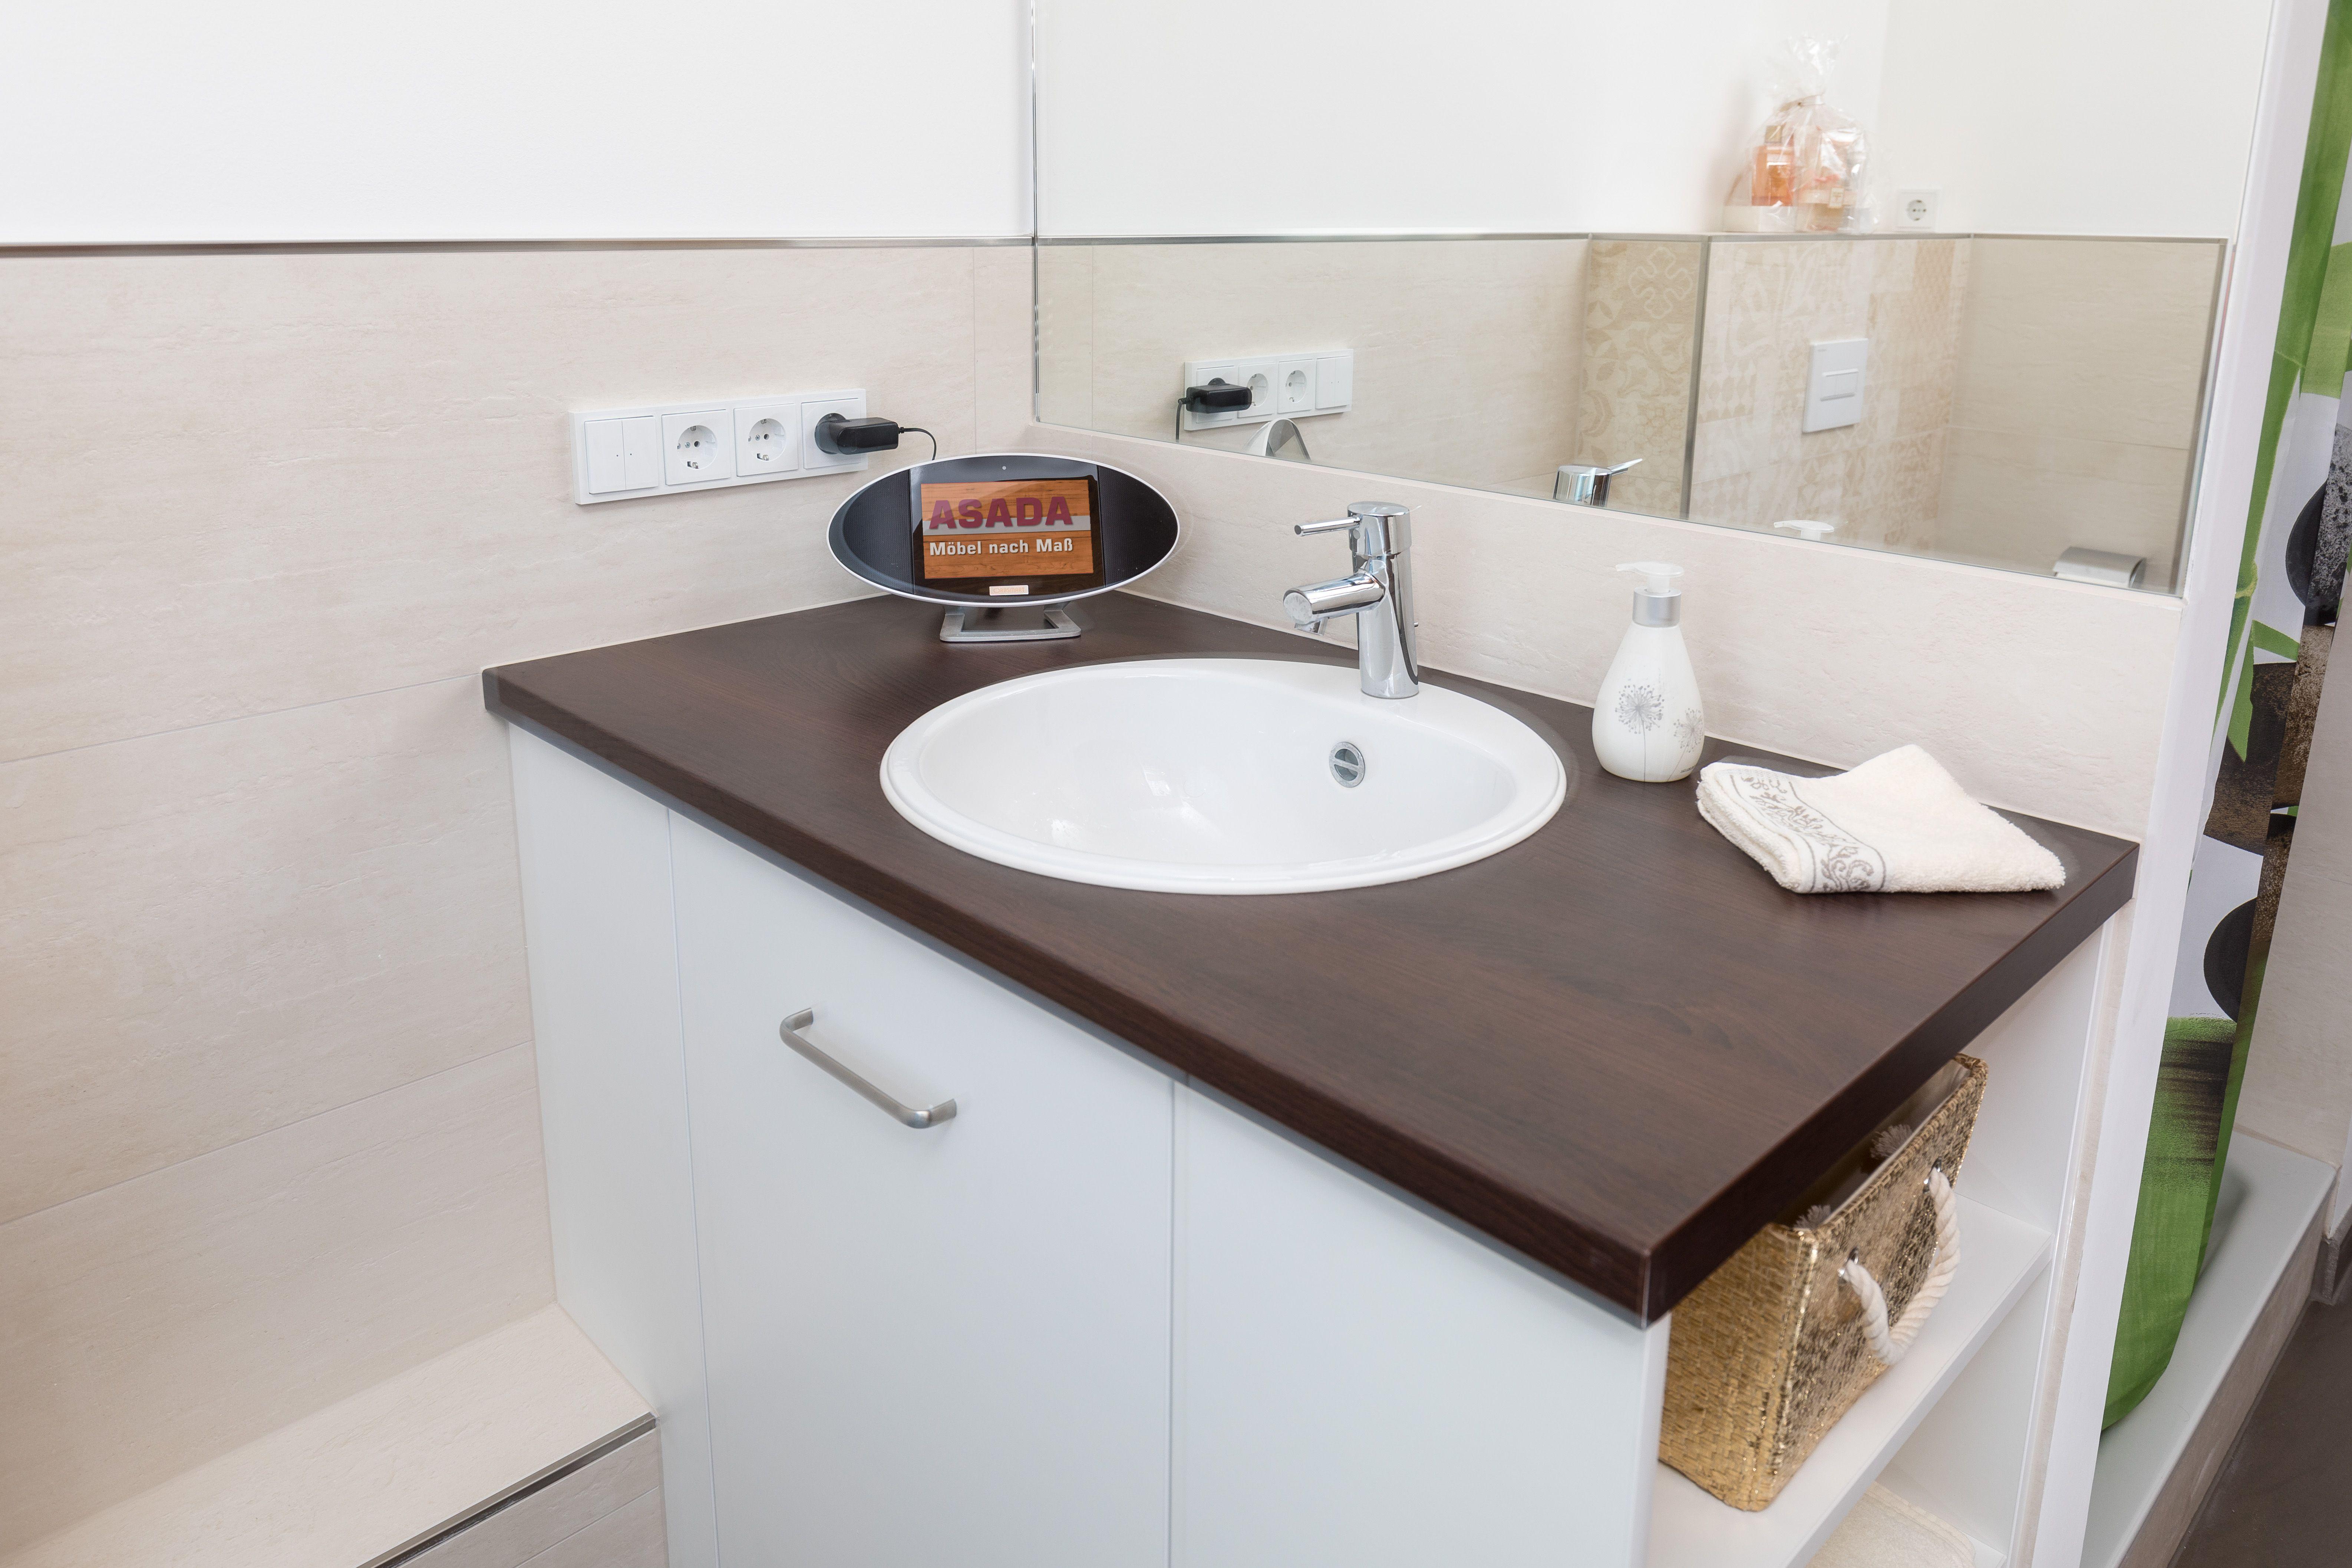 Waschtischunterschrank Aus 19 Mm Holzwerkstoffplatte Feuchtraumgeeignet P5 V100 Abgedeckt Mit Einem 38 Mm Waschtischunterschrank Waschbecken Arbeitsplatte